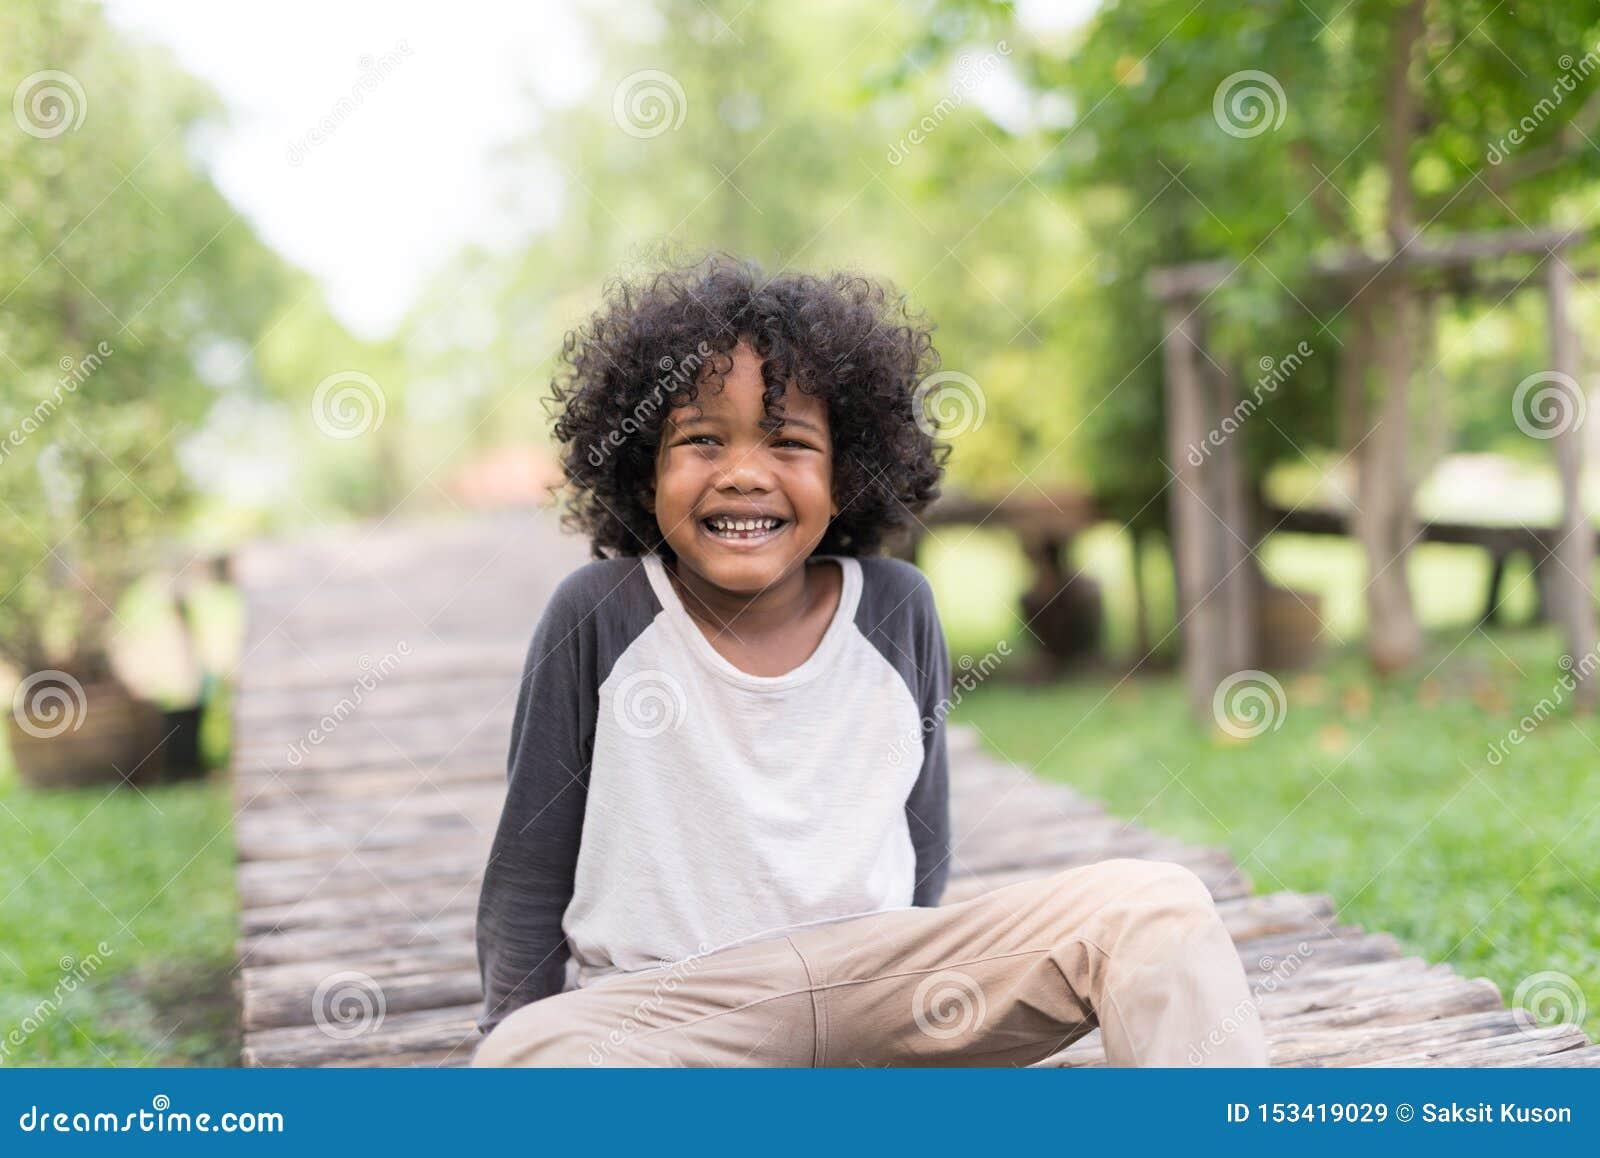 Retrato de un ni?o peque?o afroamericano lindo que sonr?e en el parque de naturaleza